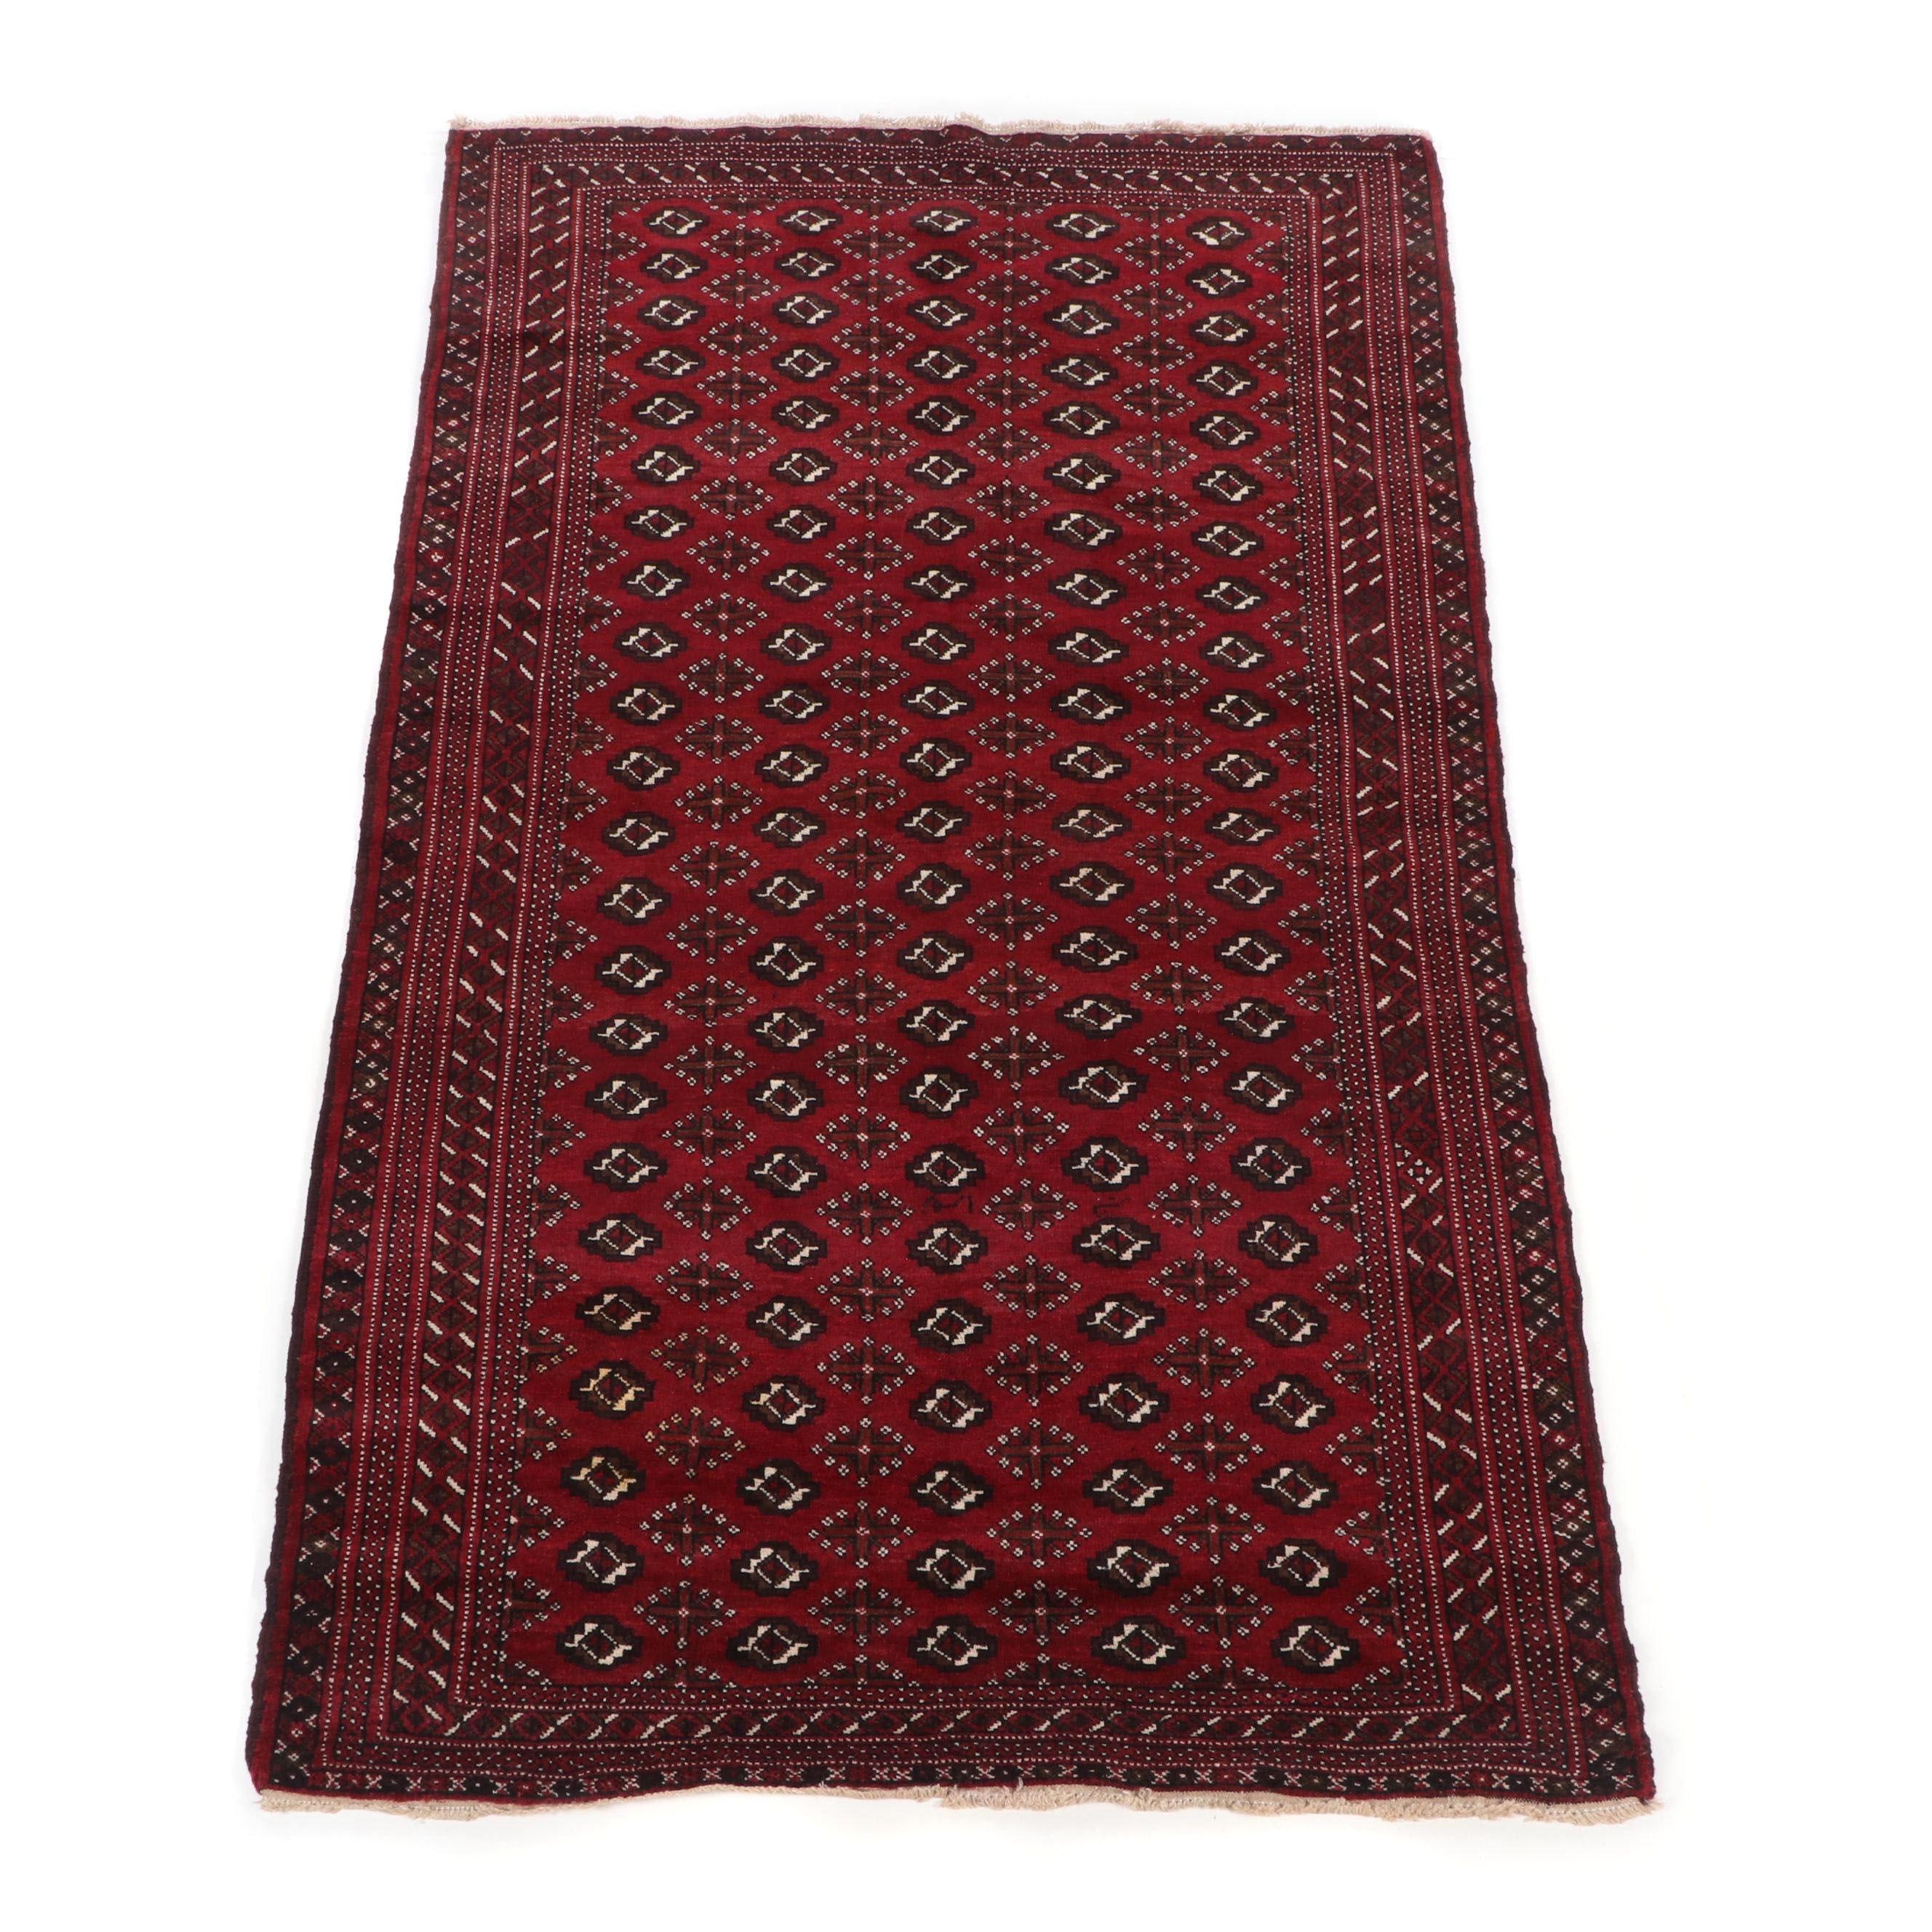 Hand-Knotted Turkoman Bokhara Wool Rug